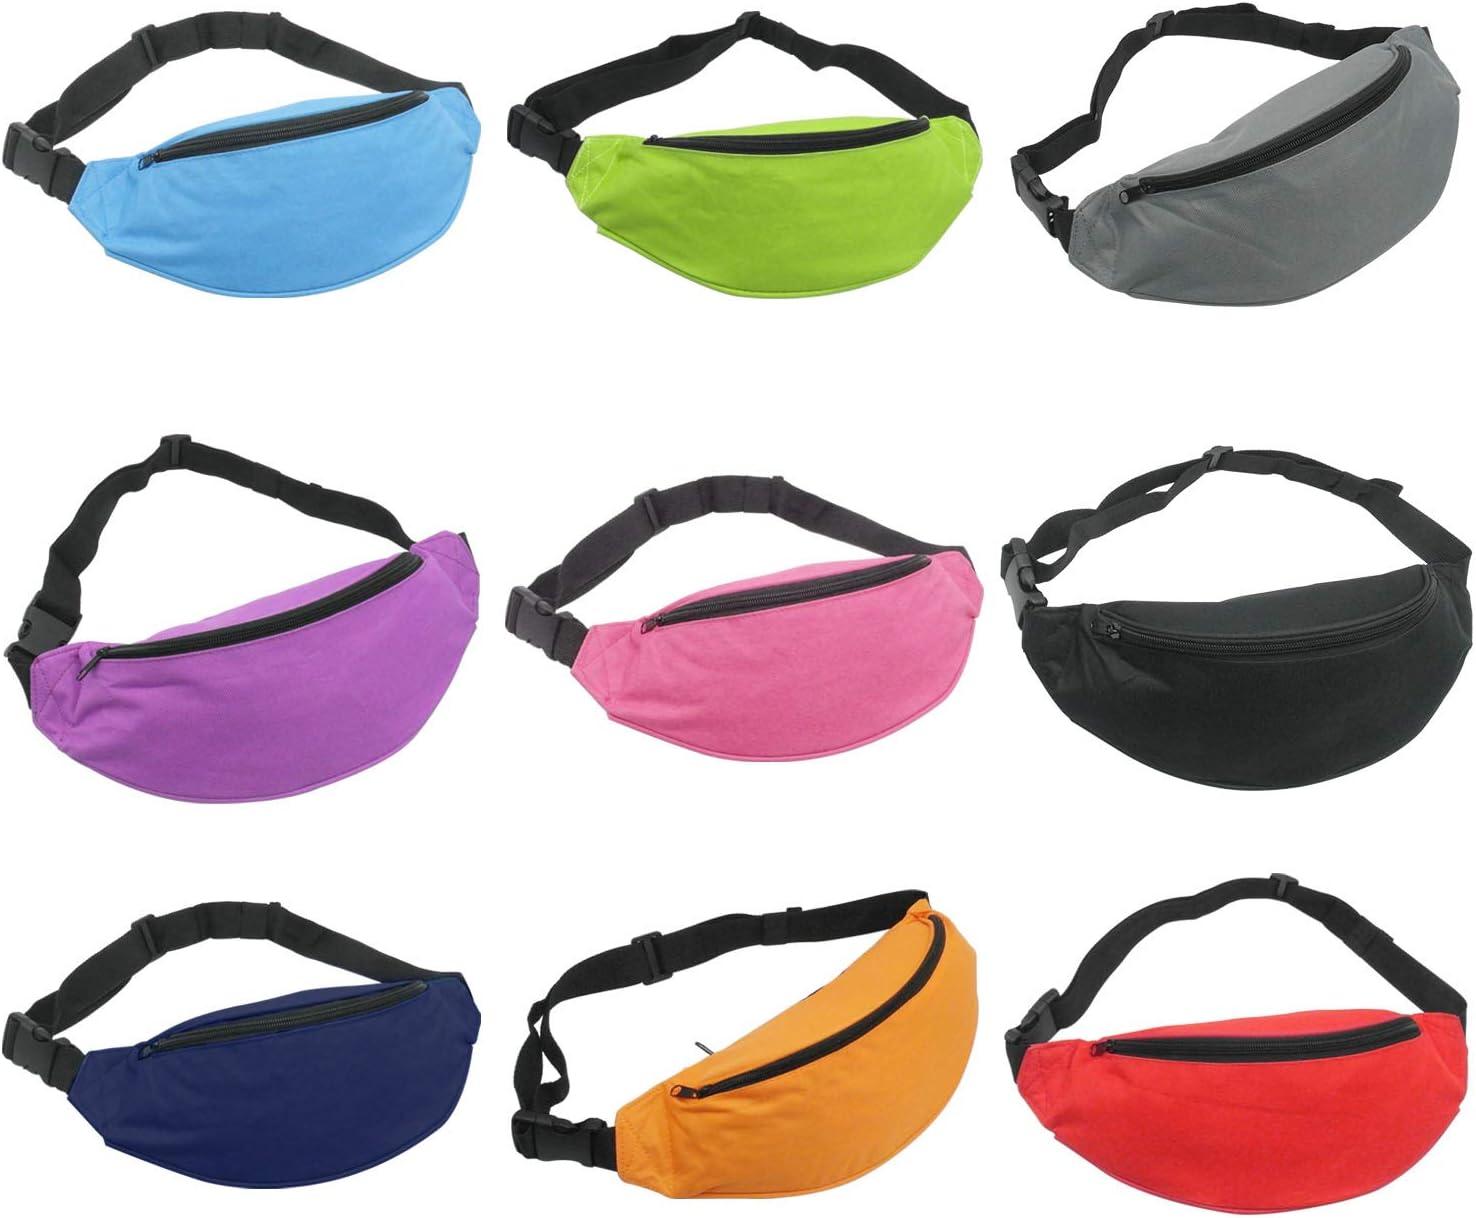 ユニセックスメンズレディースファッションスポーティな多目的2-zipperウエストベルトバッグFanny Pack調節可能なストラップスポーツハイキング旅行パスポート財布( 9ピース混合色)